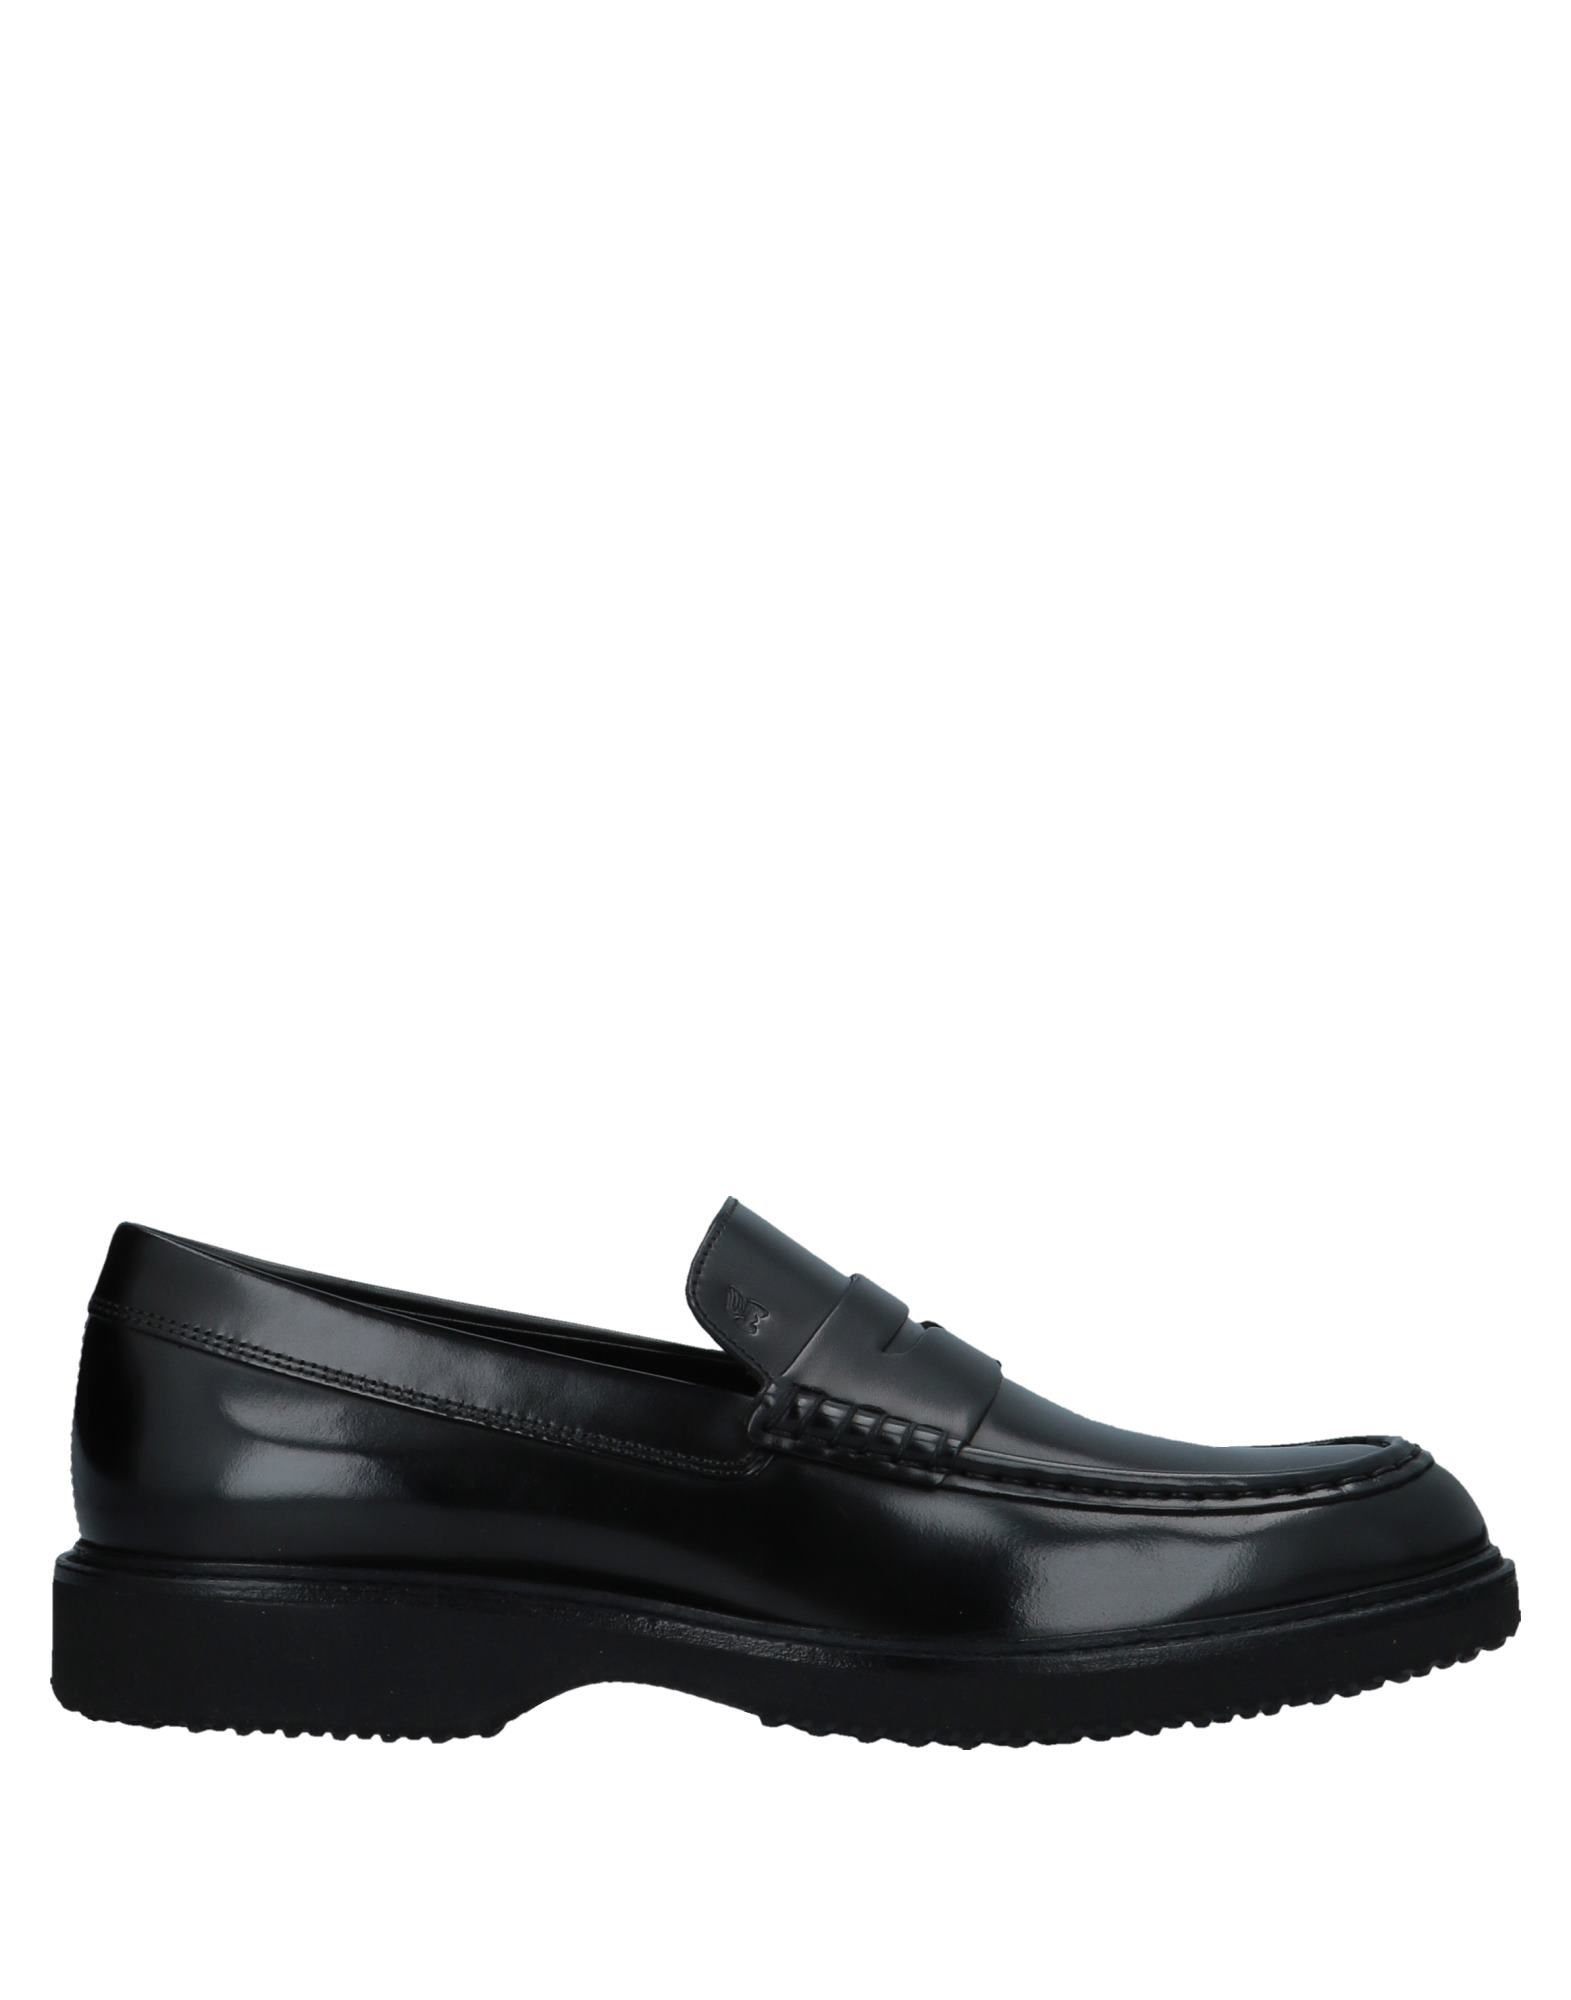 Hogan Gute Mokassins Herren  11541278QI Gute Hogan Qualität beliebte Schuhe 14b63a